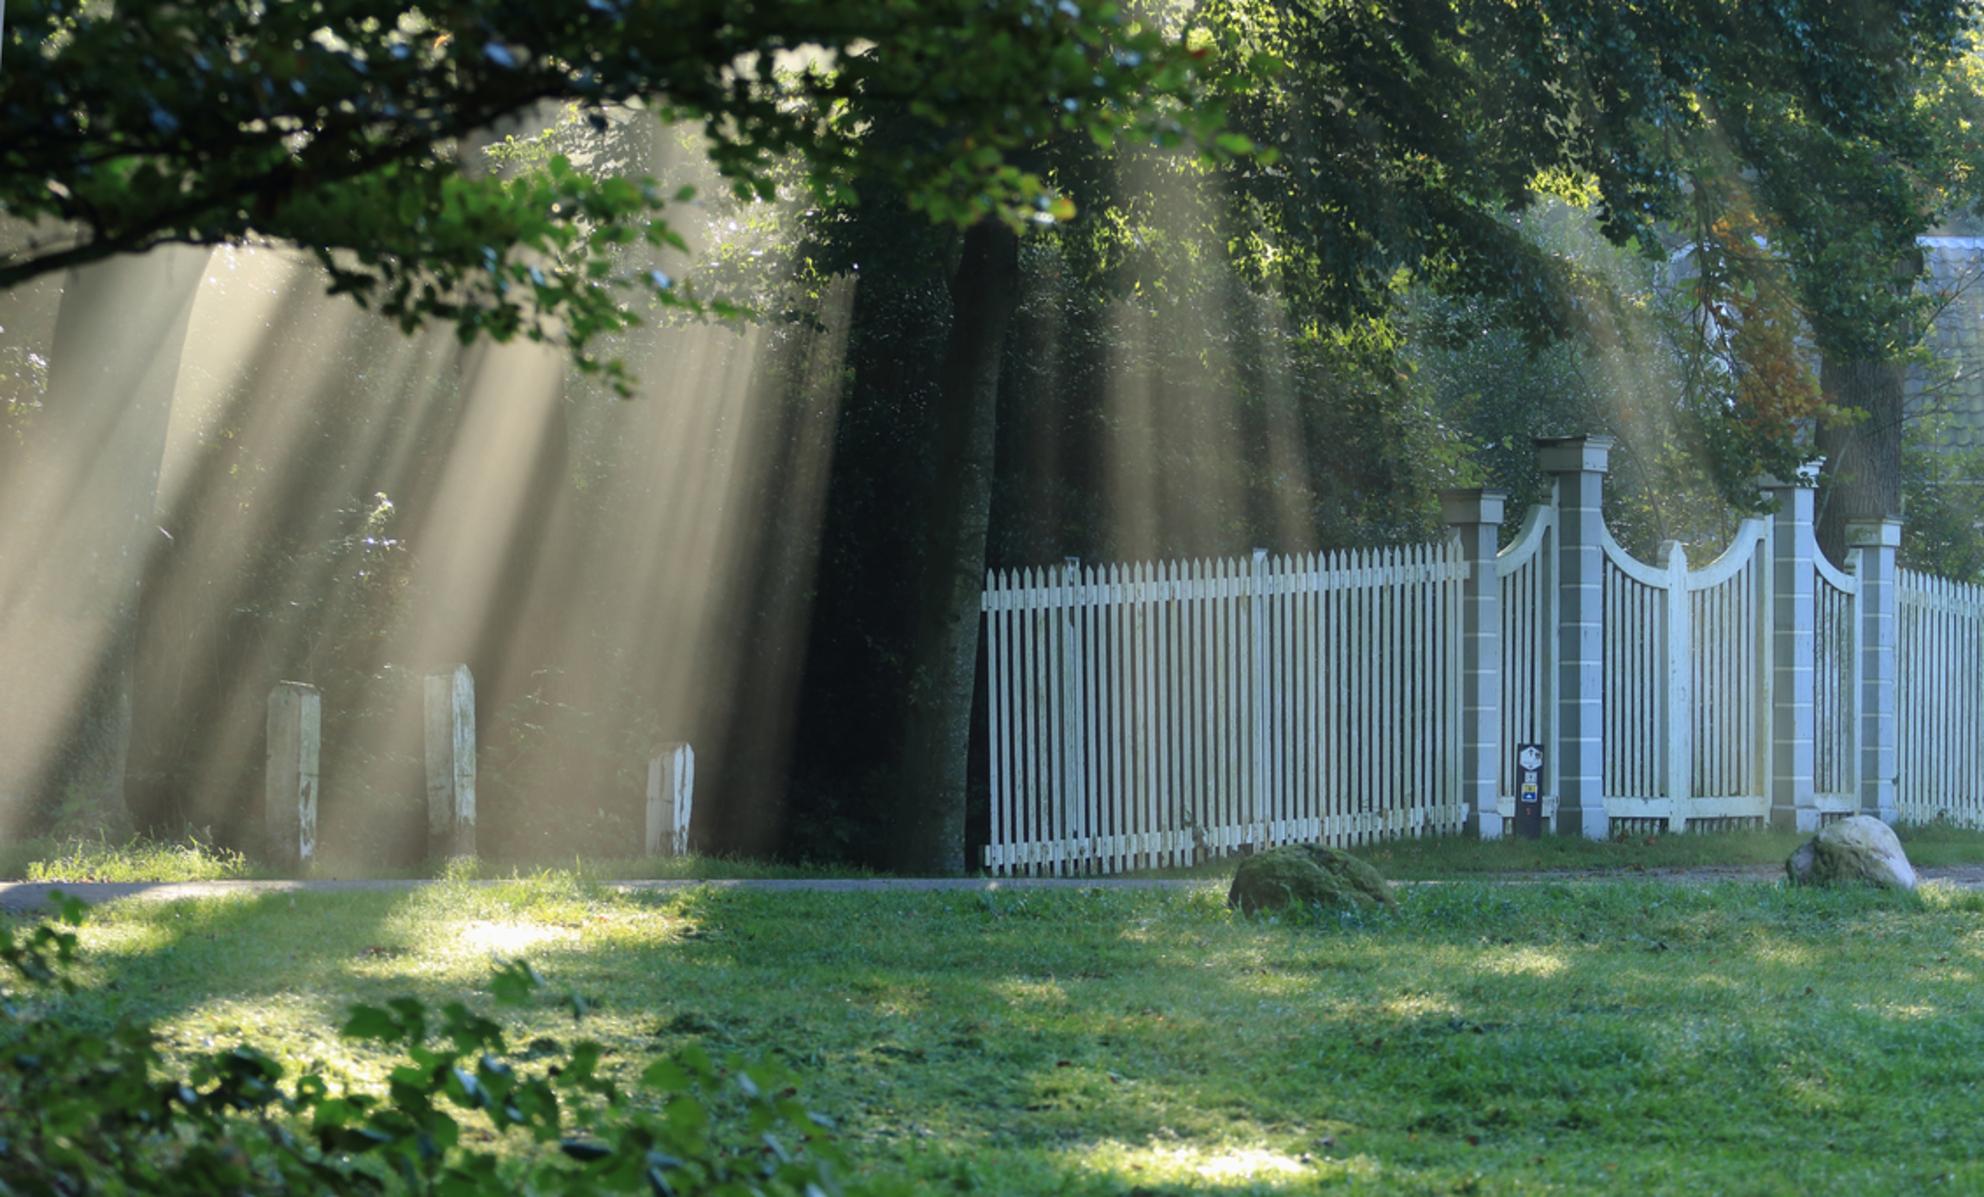 zonnestralen - Zonnestralen gevangen op het landgoed Dickninge te De Wijk - foto door dyjaf op 23-09-2017 - deze foto bevat: zonnestralen, dickninge, de Wijk - Deze foto mag gebruikt worden in een Zoom.nl publicatie